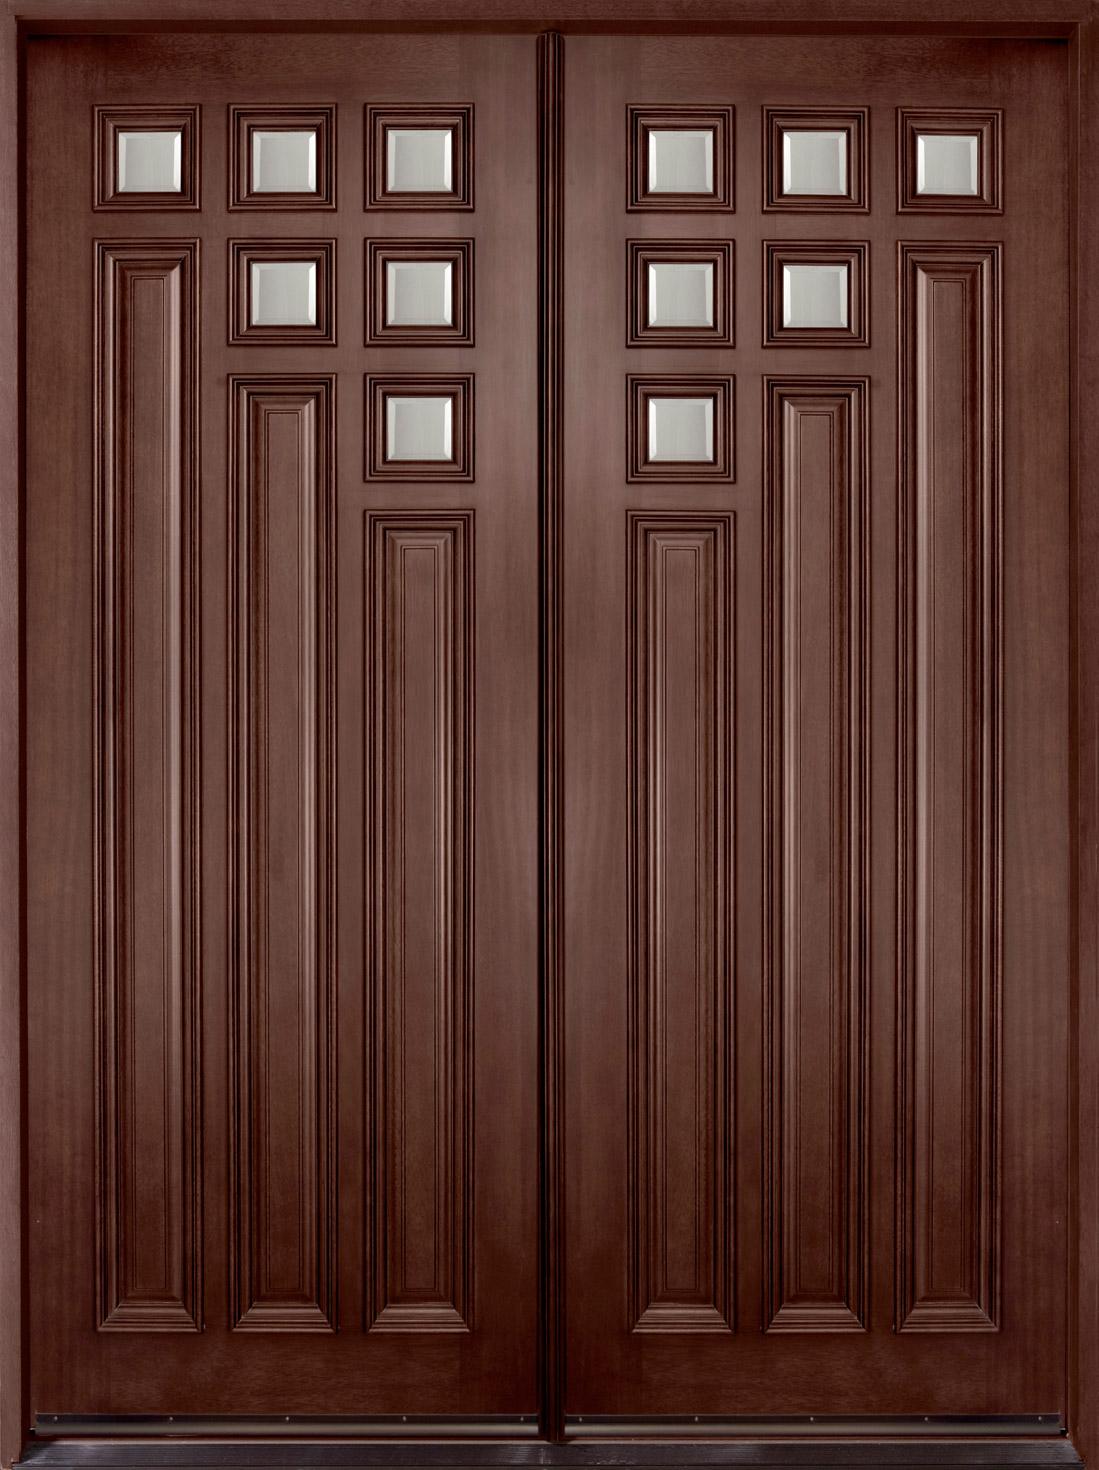 Best Wood For Sauna Room